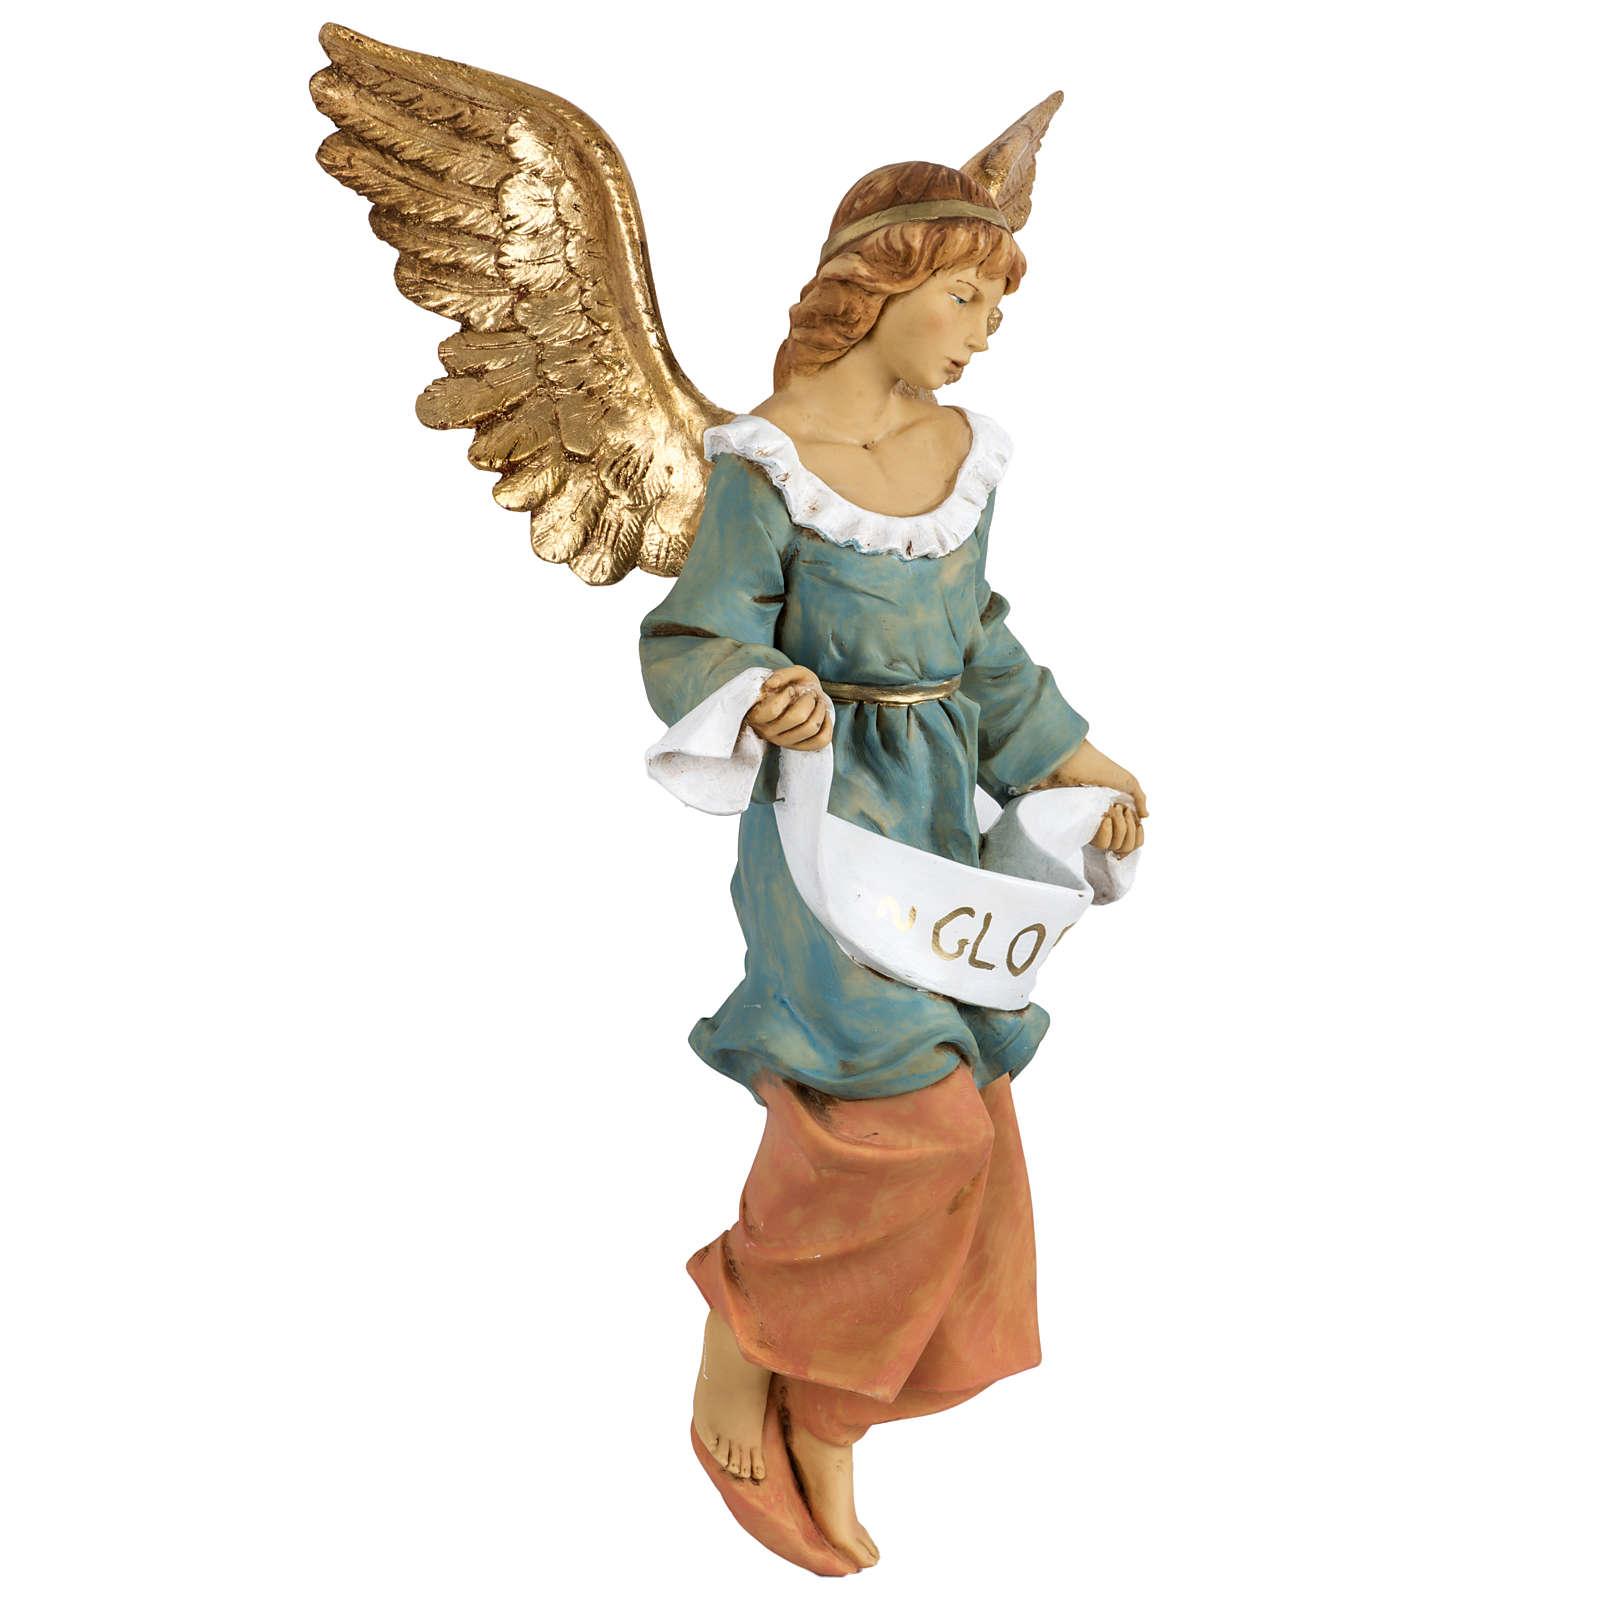 Anioł Gloria 52 cm szopka Fontanini 3